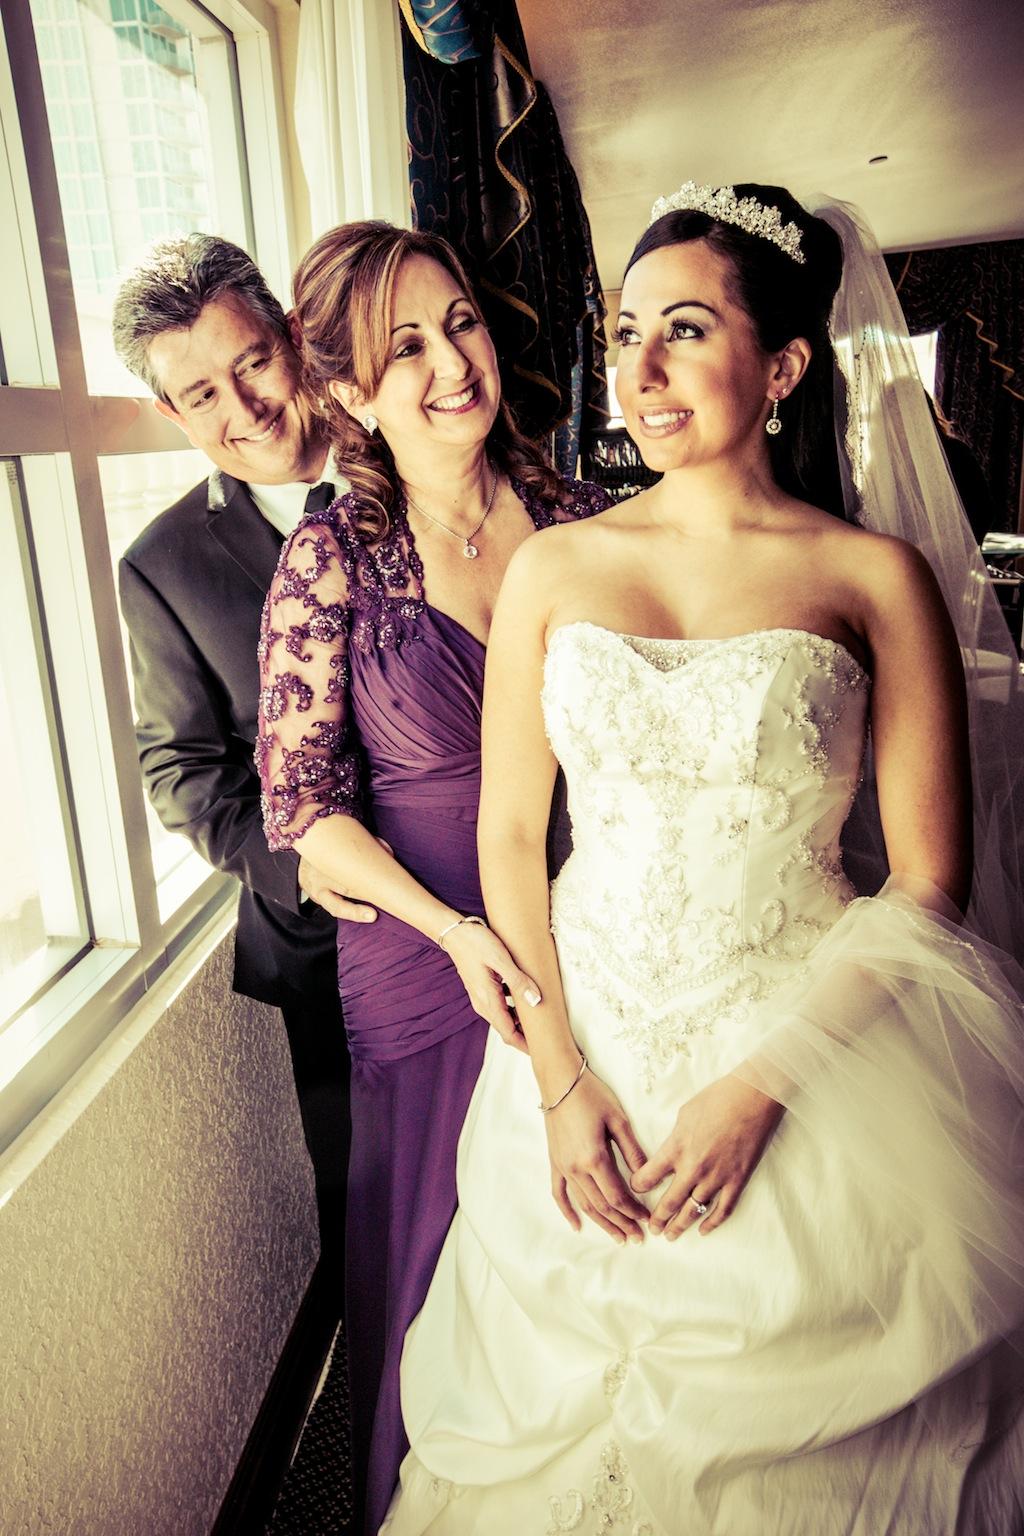 Floridan Palace Wedding, Downtown Tampa - Tampa Wedding Planner Burkle Events & Tampa Wedding Photographer Gary Kaplan Photography (8)